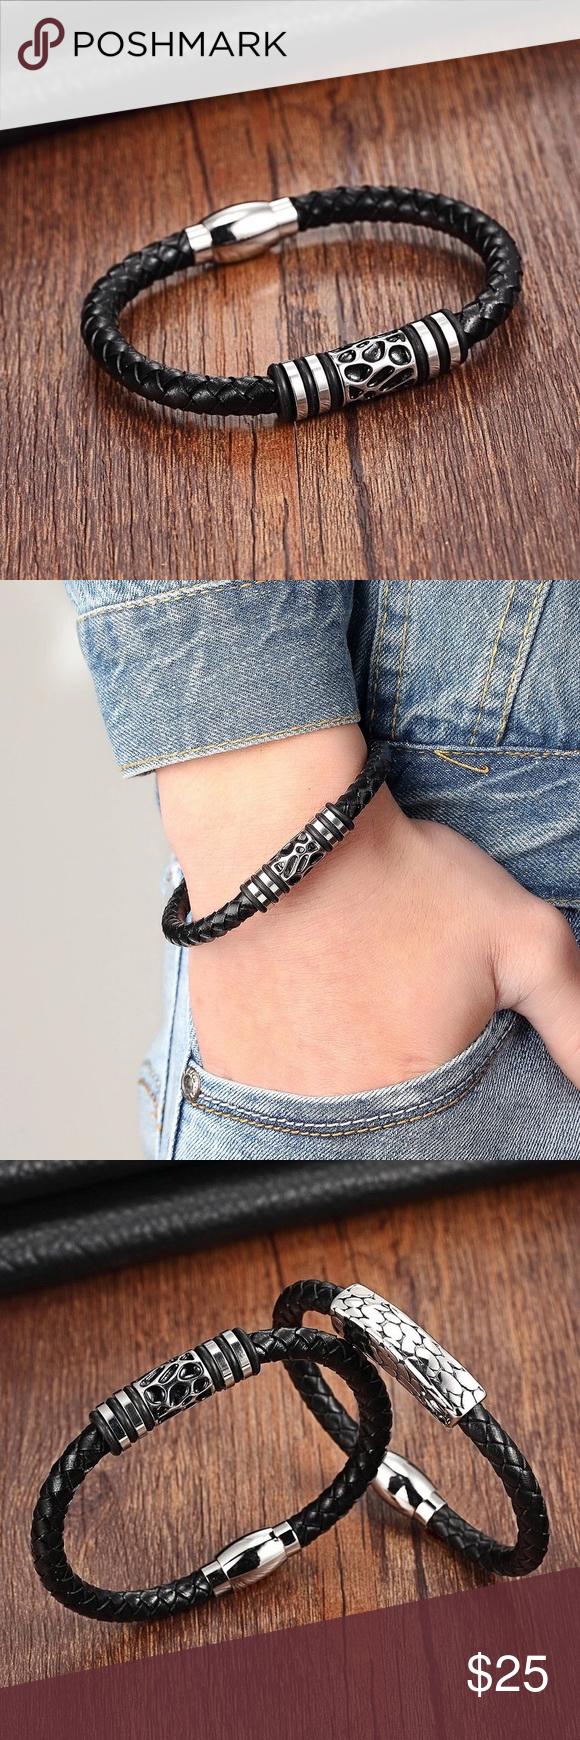 Manly bracelet brand new accessories jewelry menusjewelry